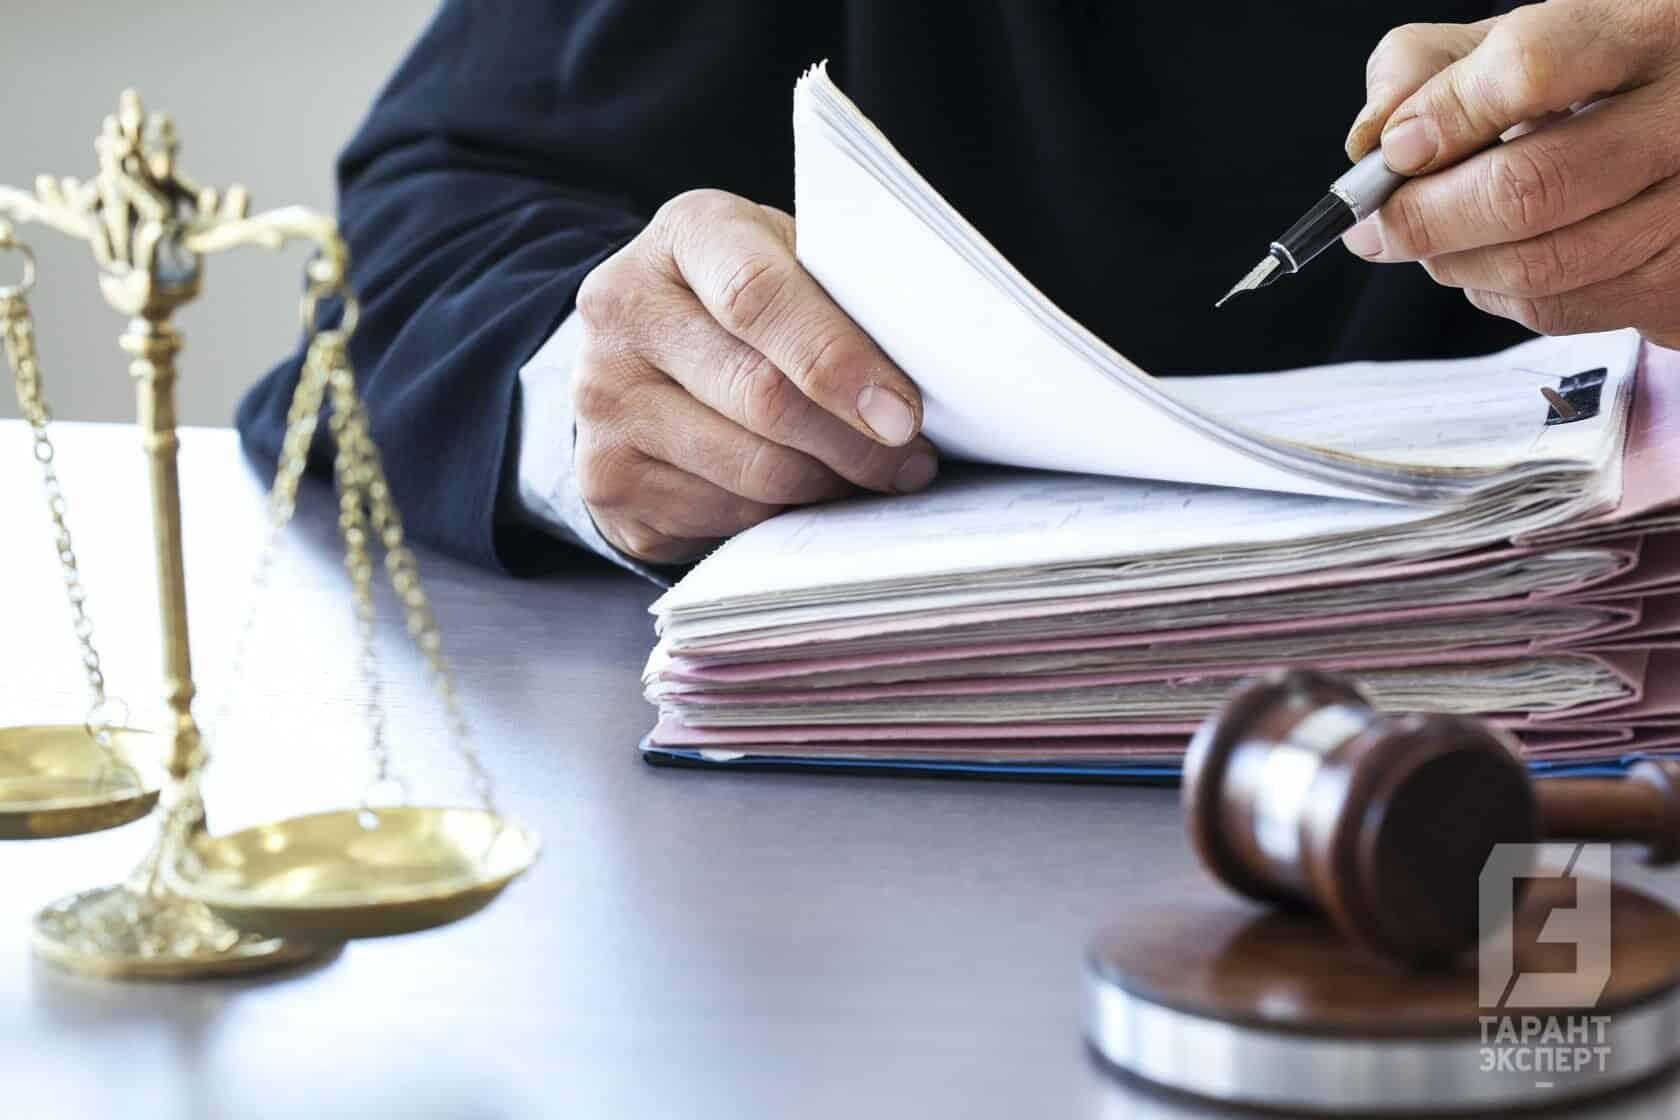 Государственная и негосударственная экспертизы имеют равную юридическую силу